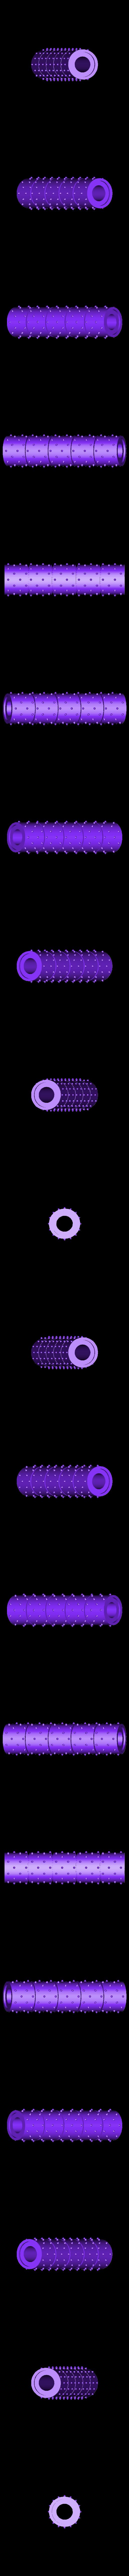 Deathroller roller.stl Télécharger fichier STL Ork Tank / Canon d'assaut 28mm optimisé pour FDM Printing • Modèle pour imprimante 3D, redstarkits